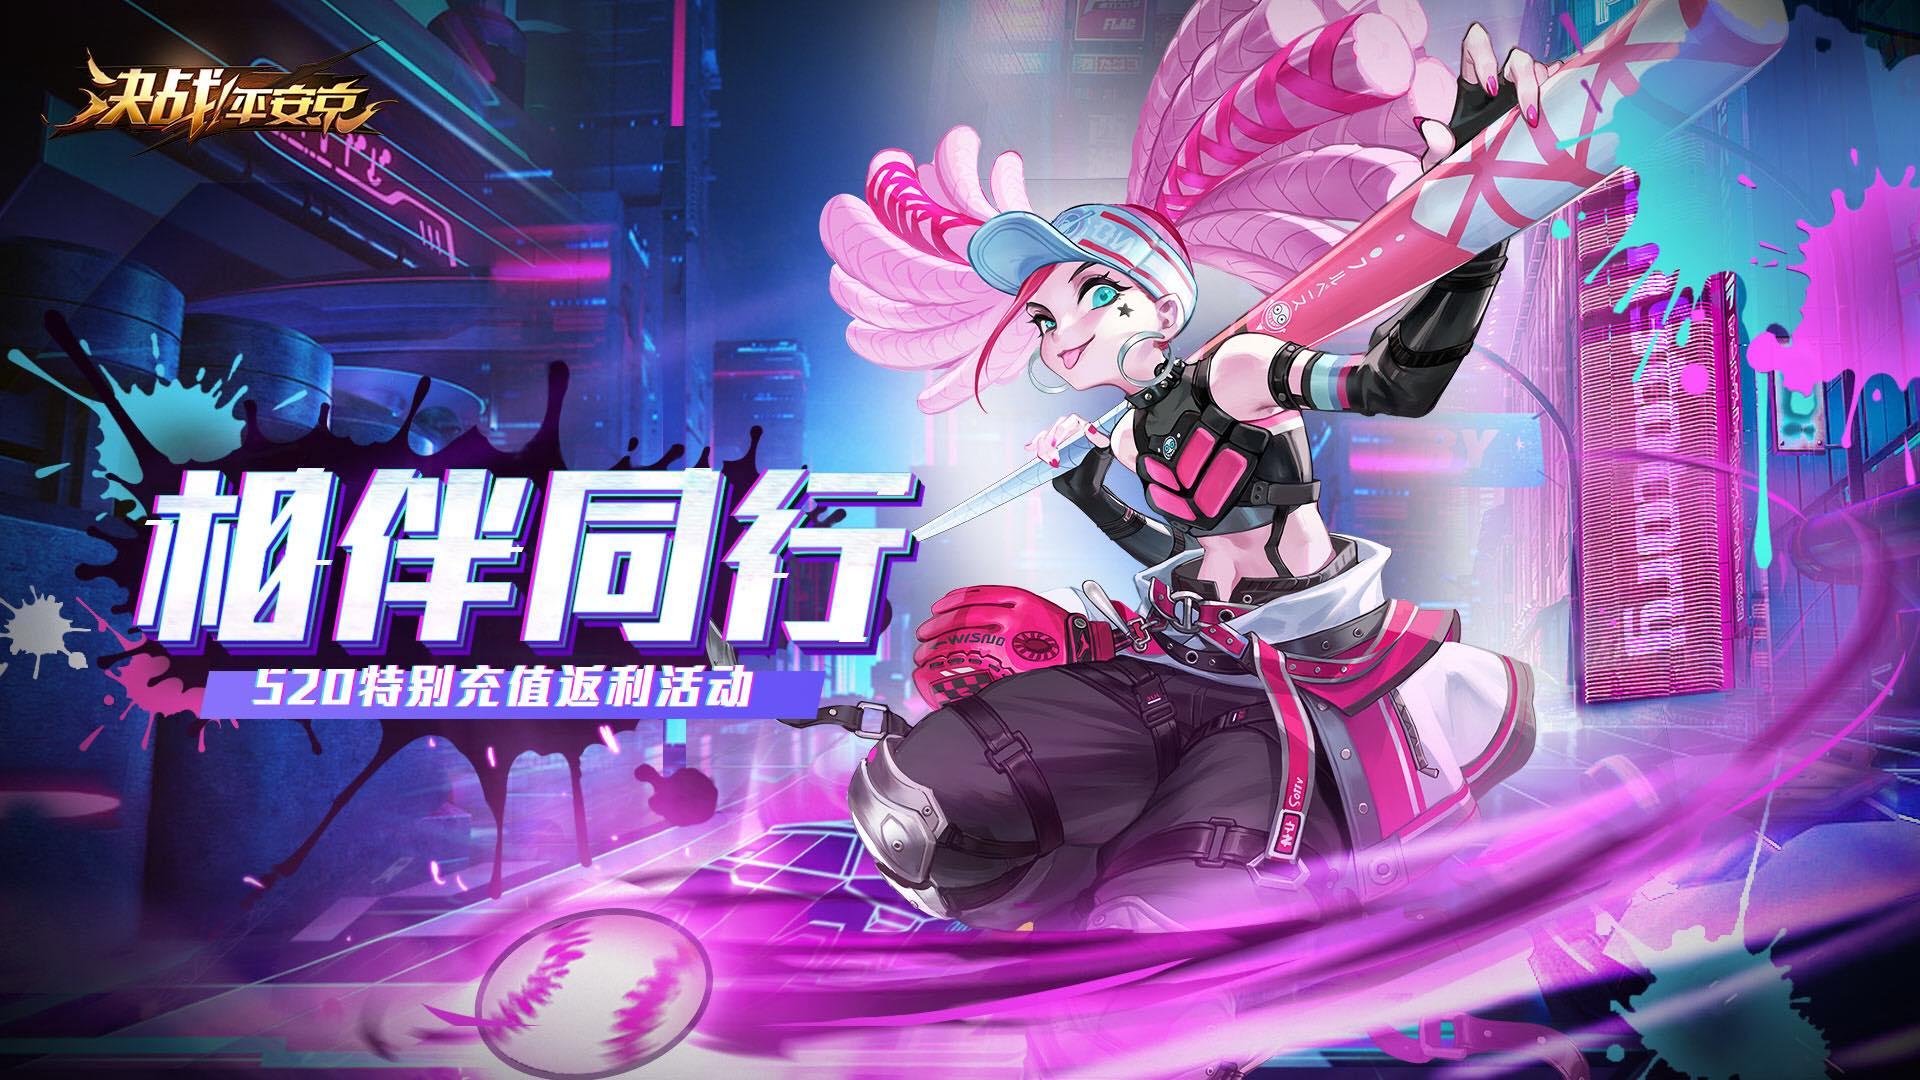 相伴同行 福利升级 《决战!平安京》520特别活动正式上线